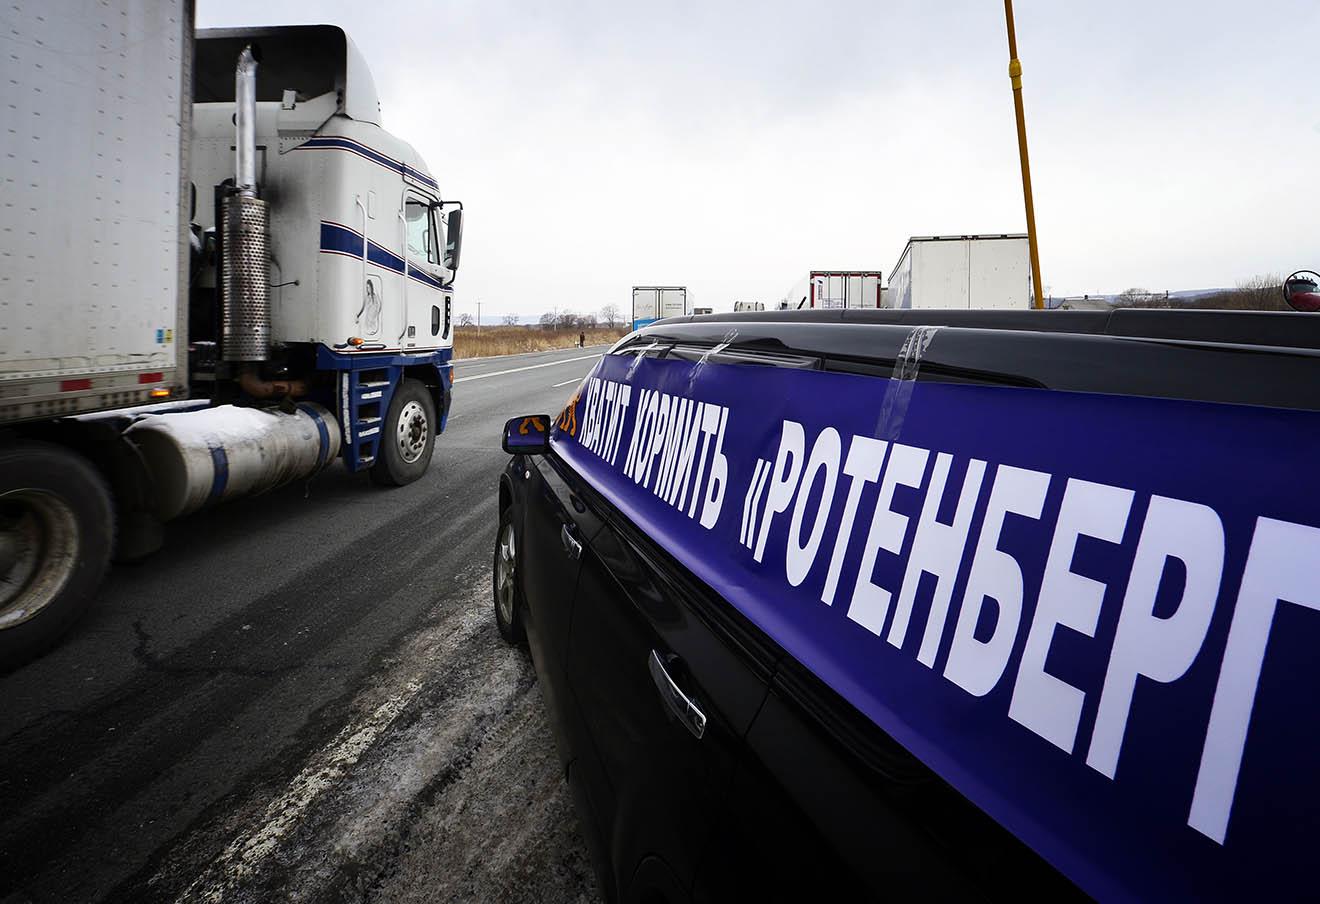 Водители-дальнобойщики во время всероссийской акции протеста «Улитка» против платного проезда по федеральным дорогам, которая проходит на трассе М-60 от Кипарисово до Владивостока.